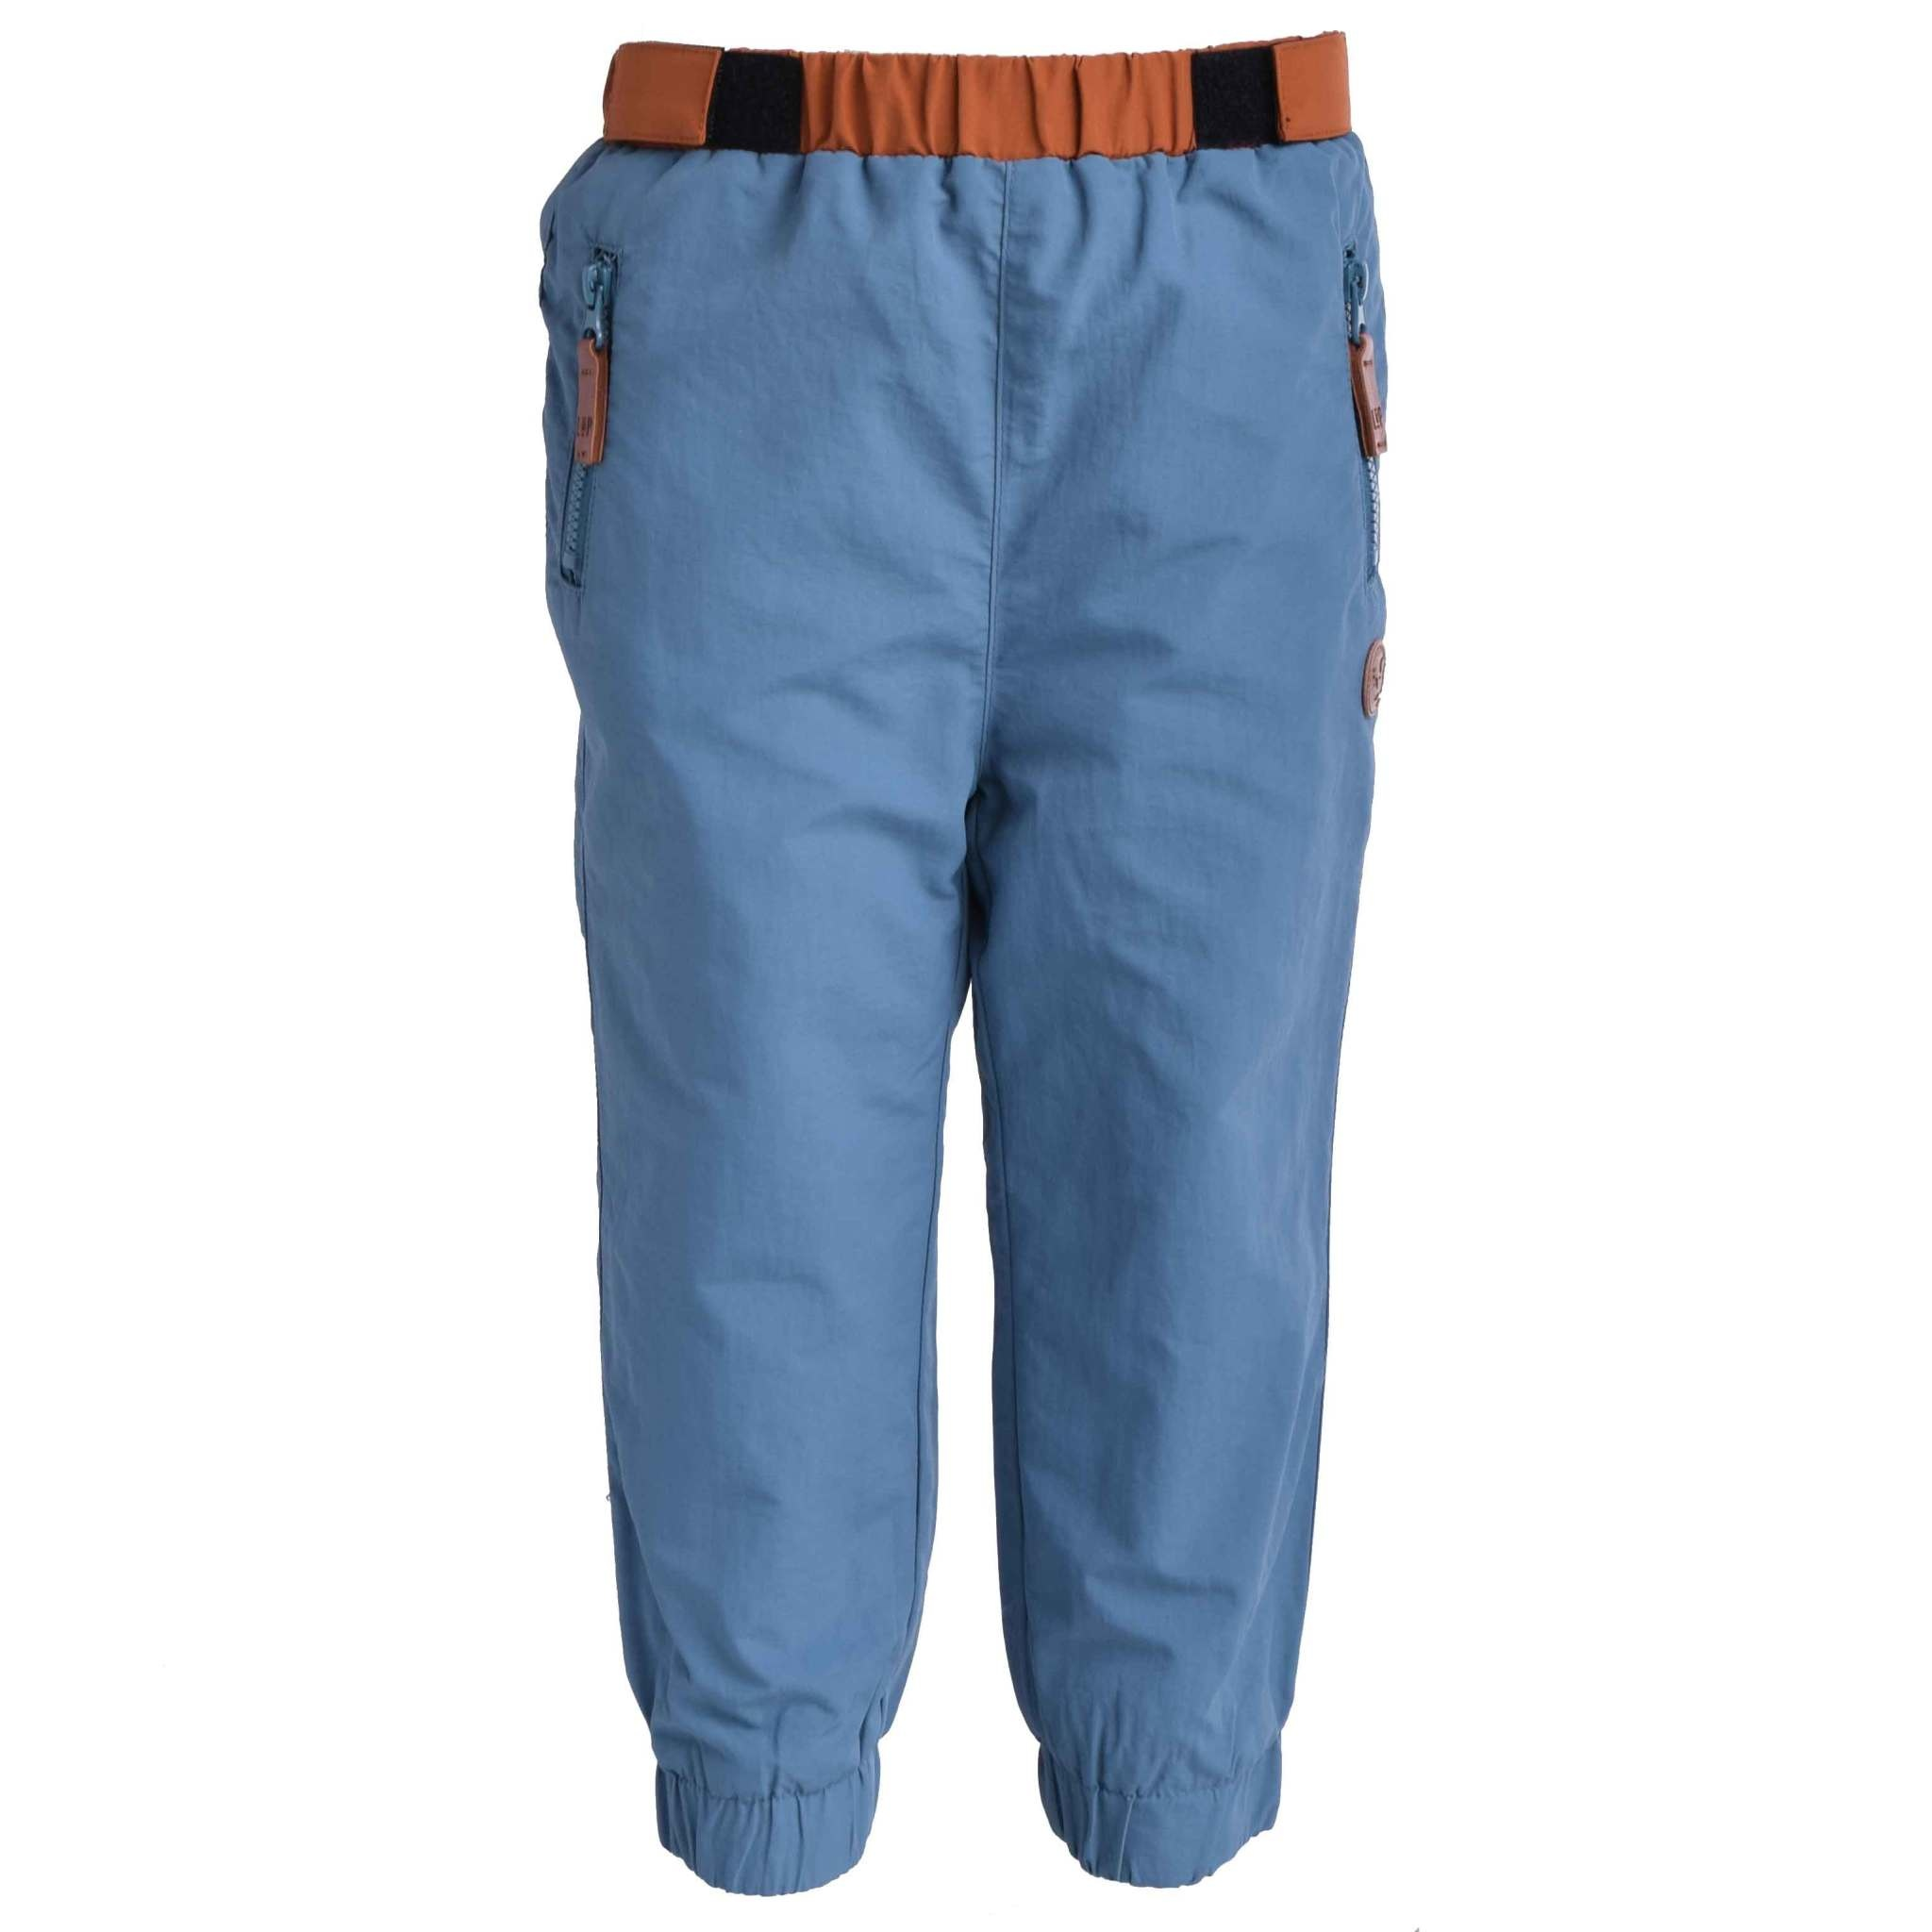 Pantalon D'Extérieur doublé Polar - TWENTY TWO 1.0-1